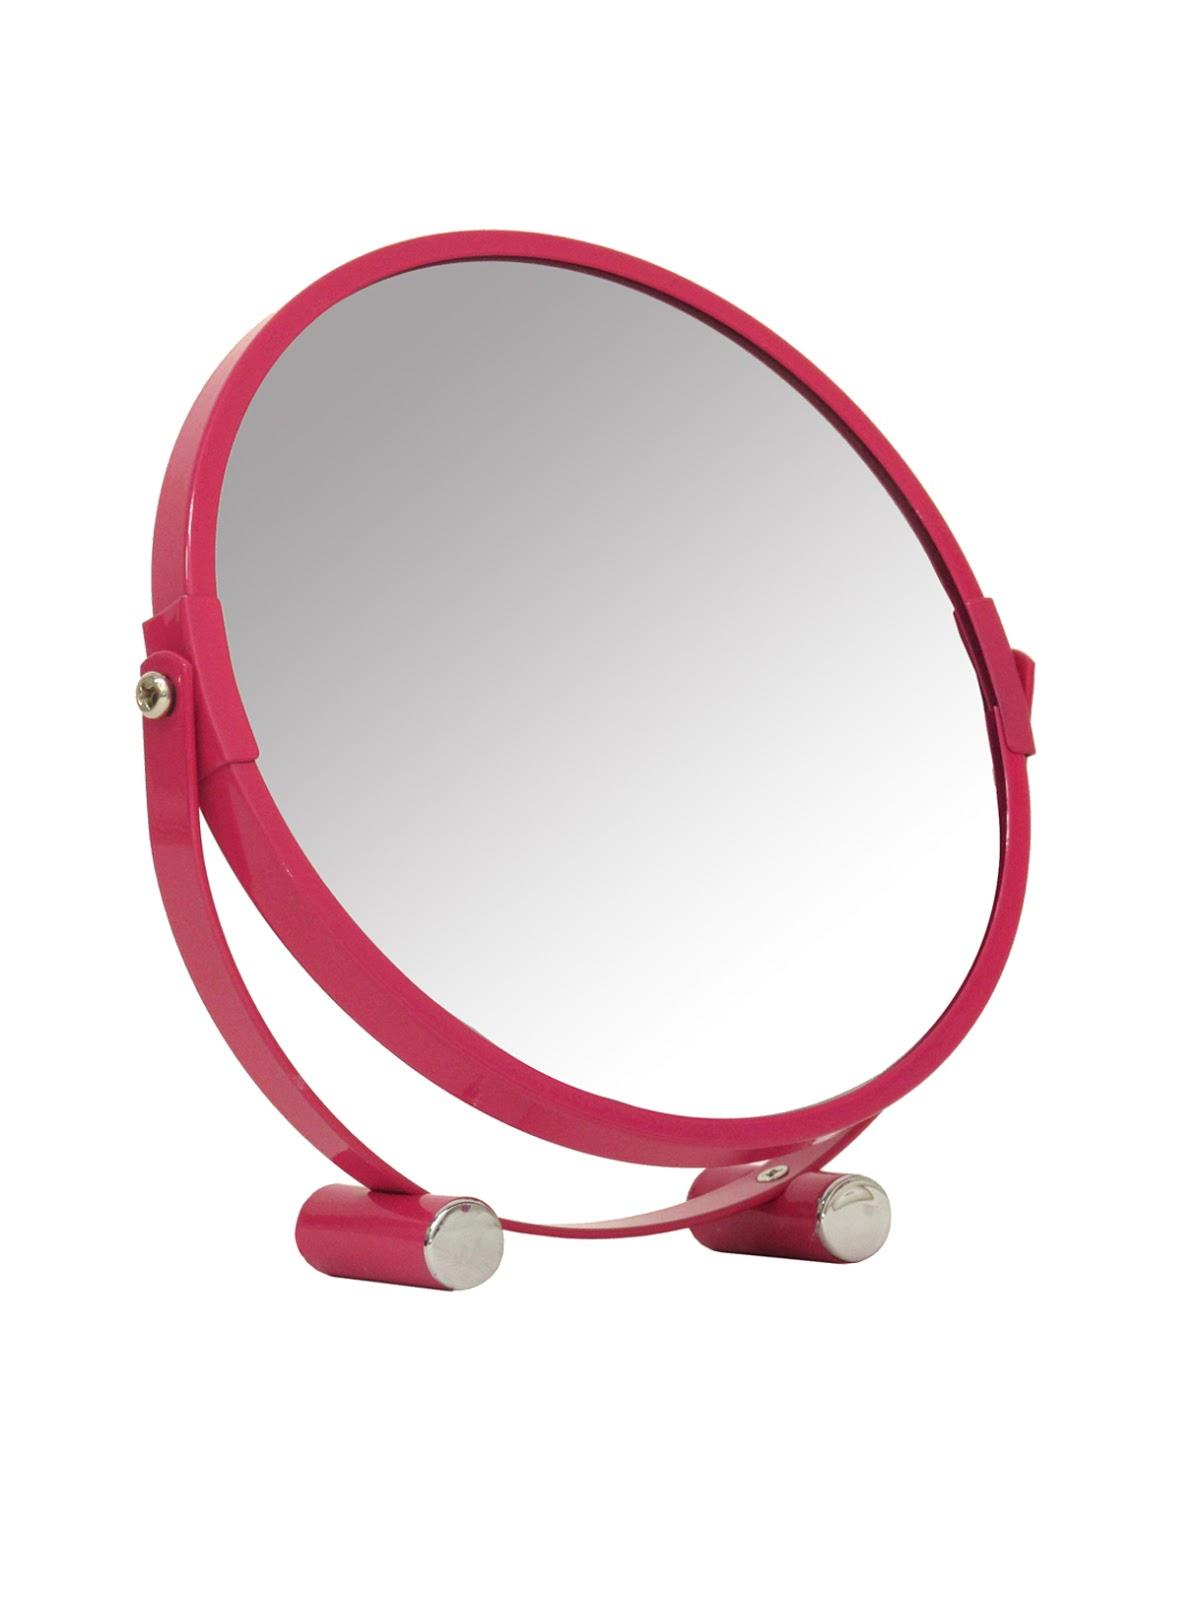 Sur color porta retratos espejos con dos aumentos 1x y 3x for Espejo 8 aumentos